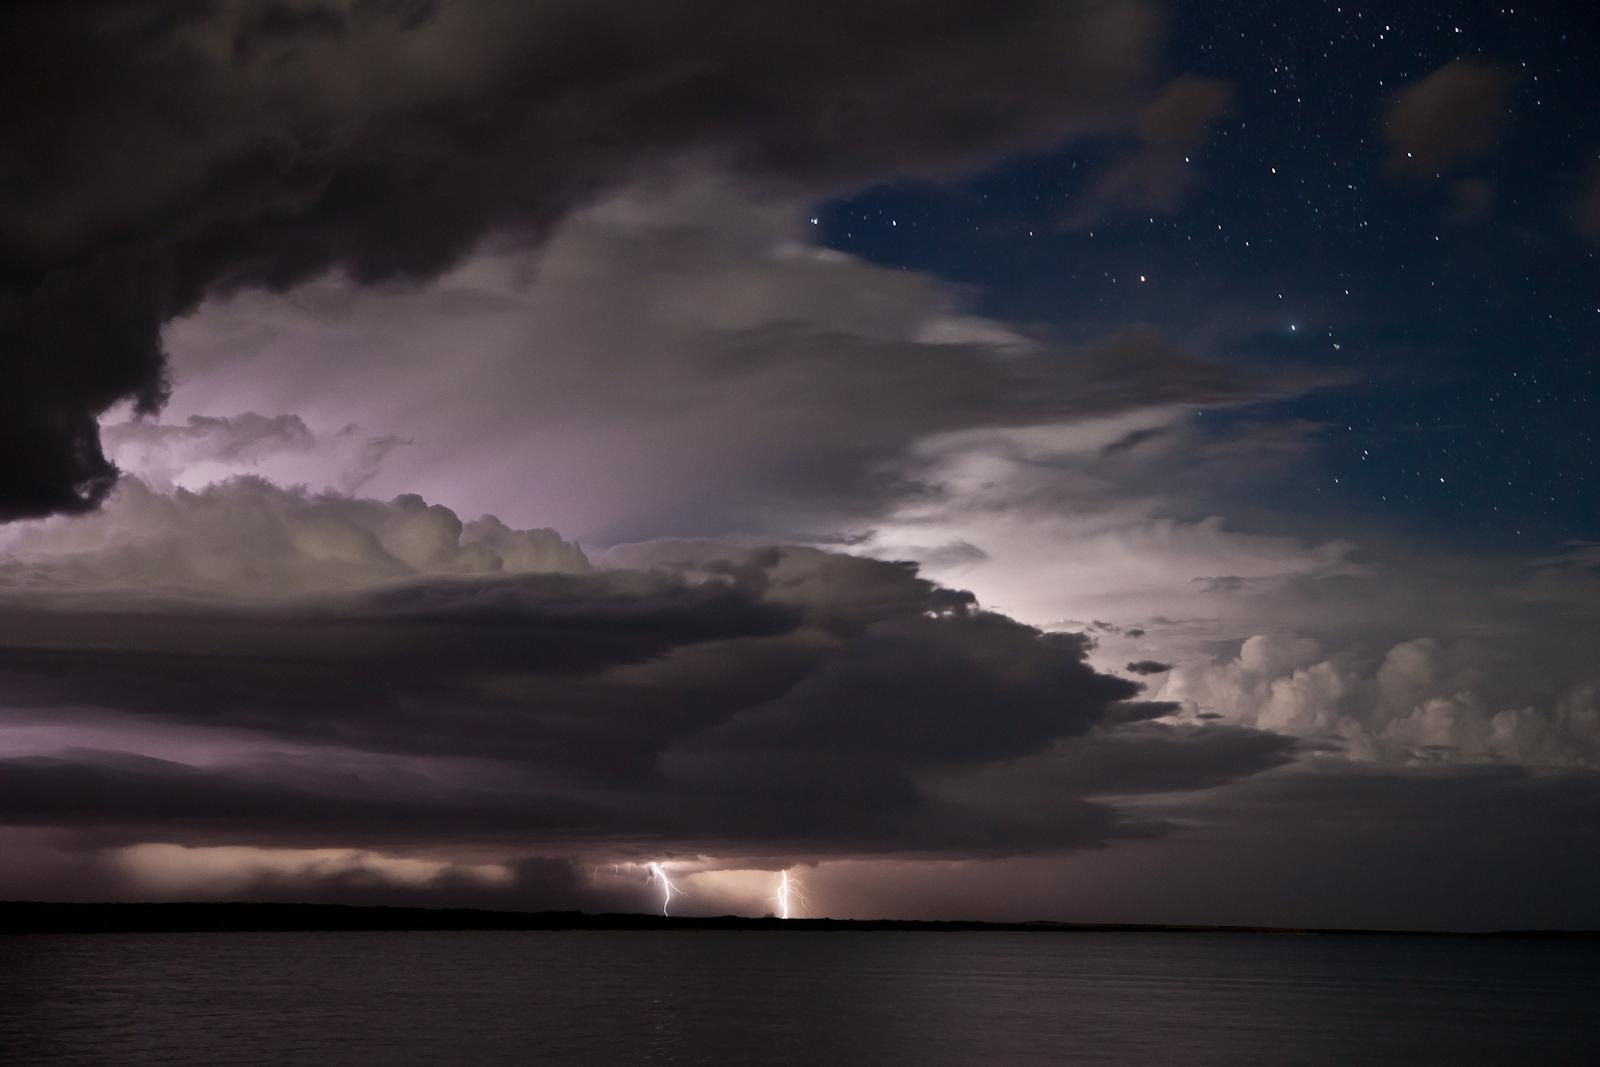 Lightning by Niv24